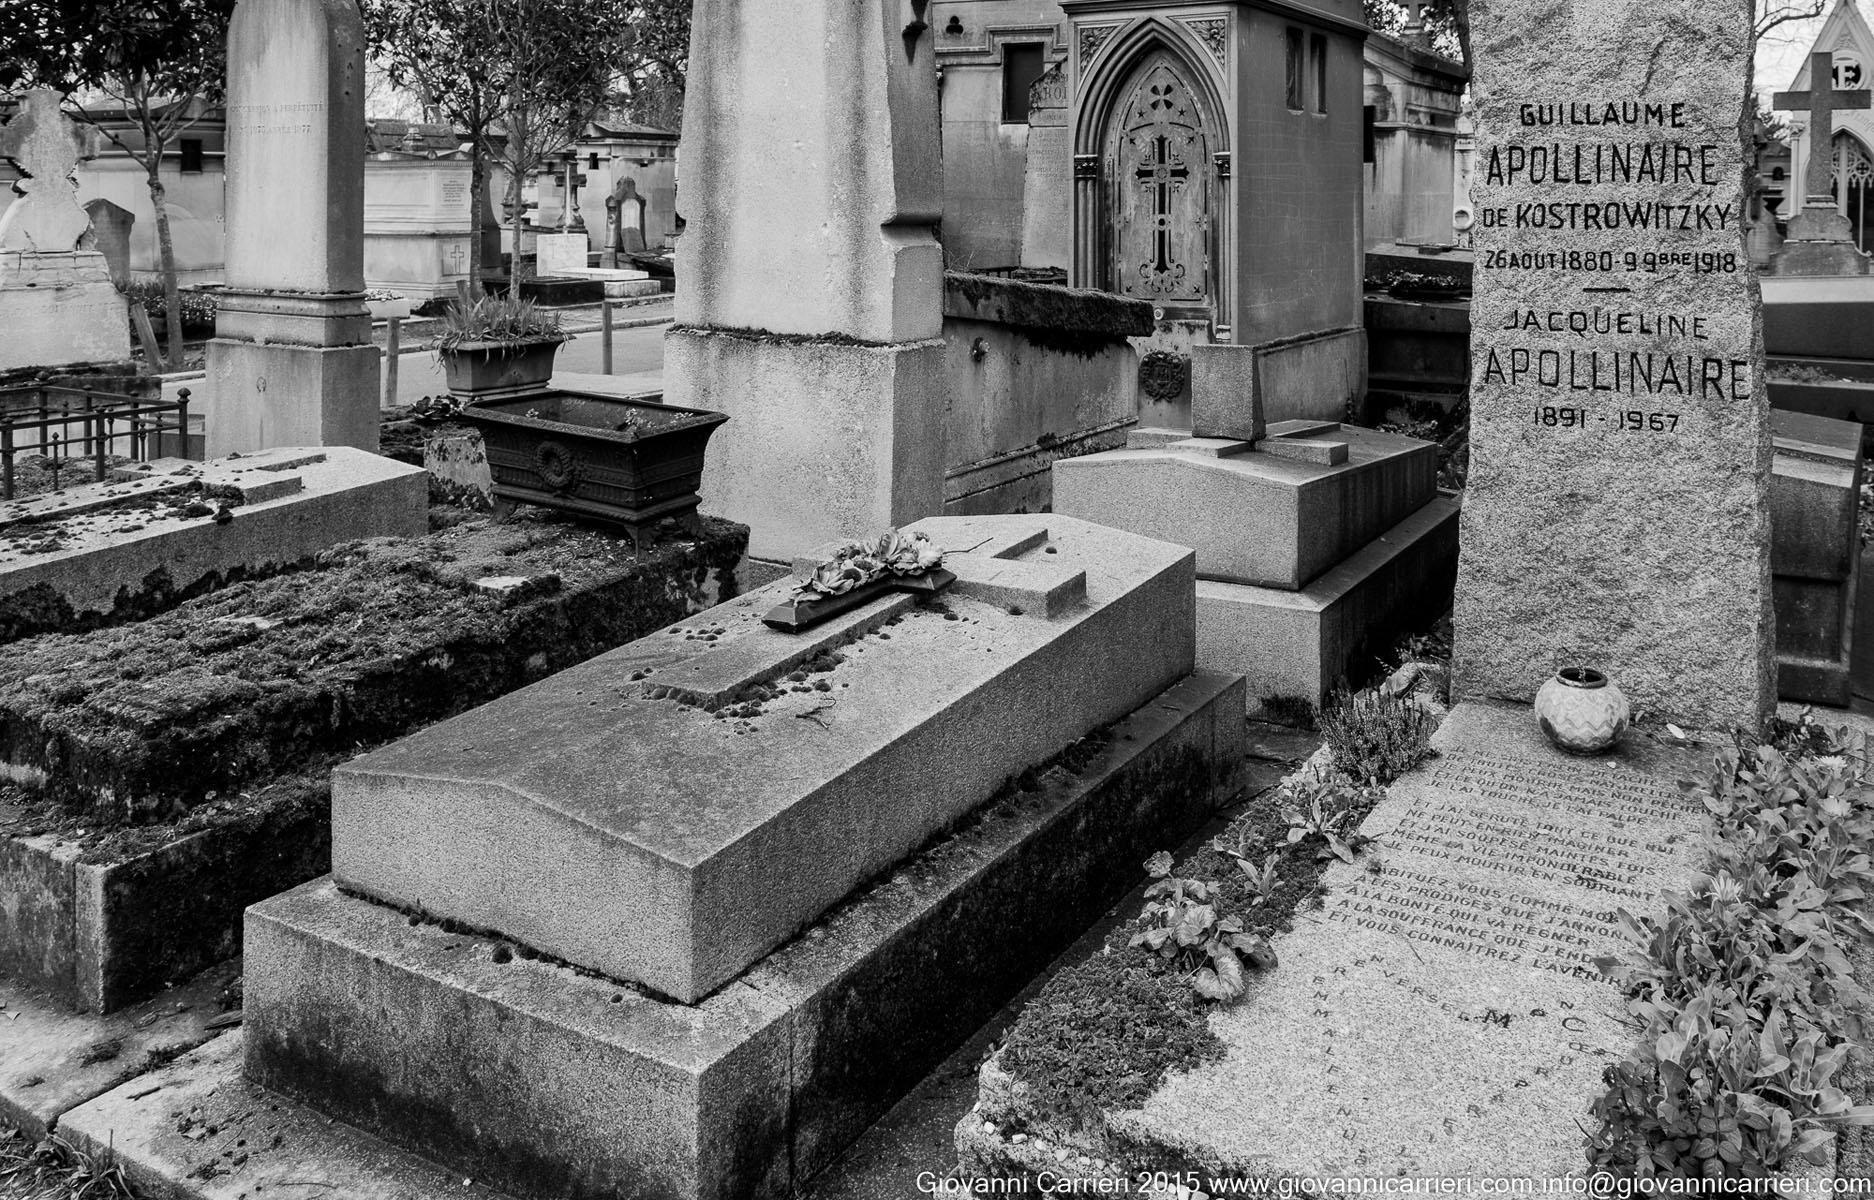 La tomba di Guillaume Apollinaire